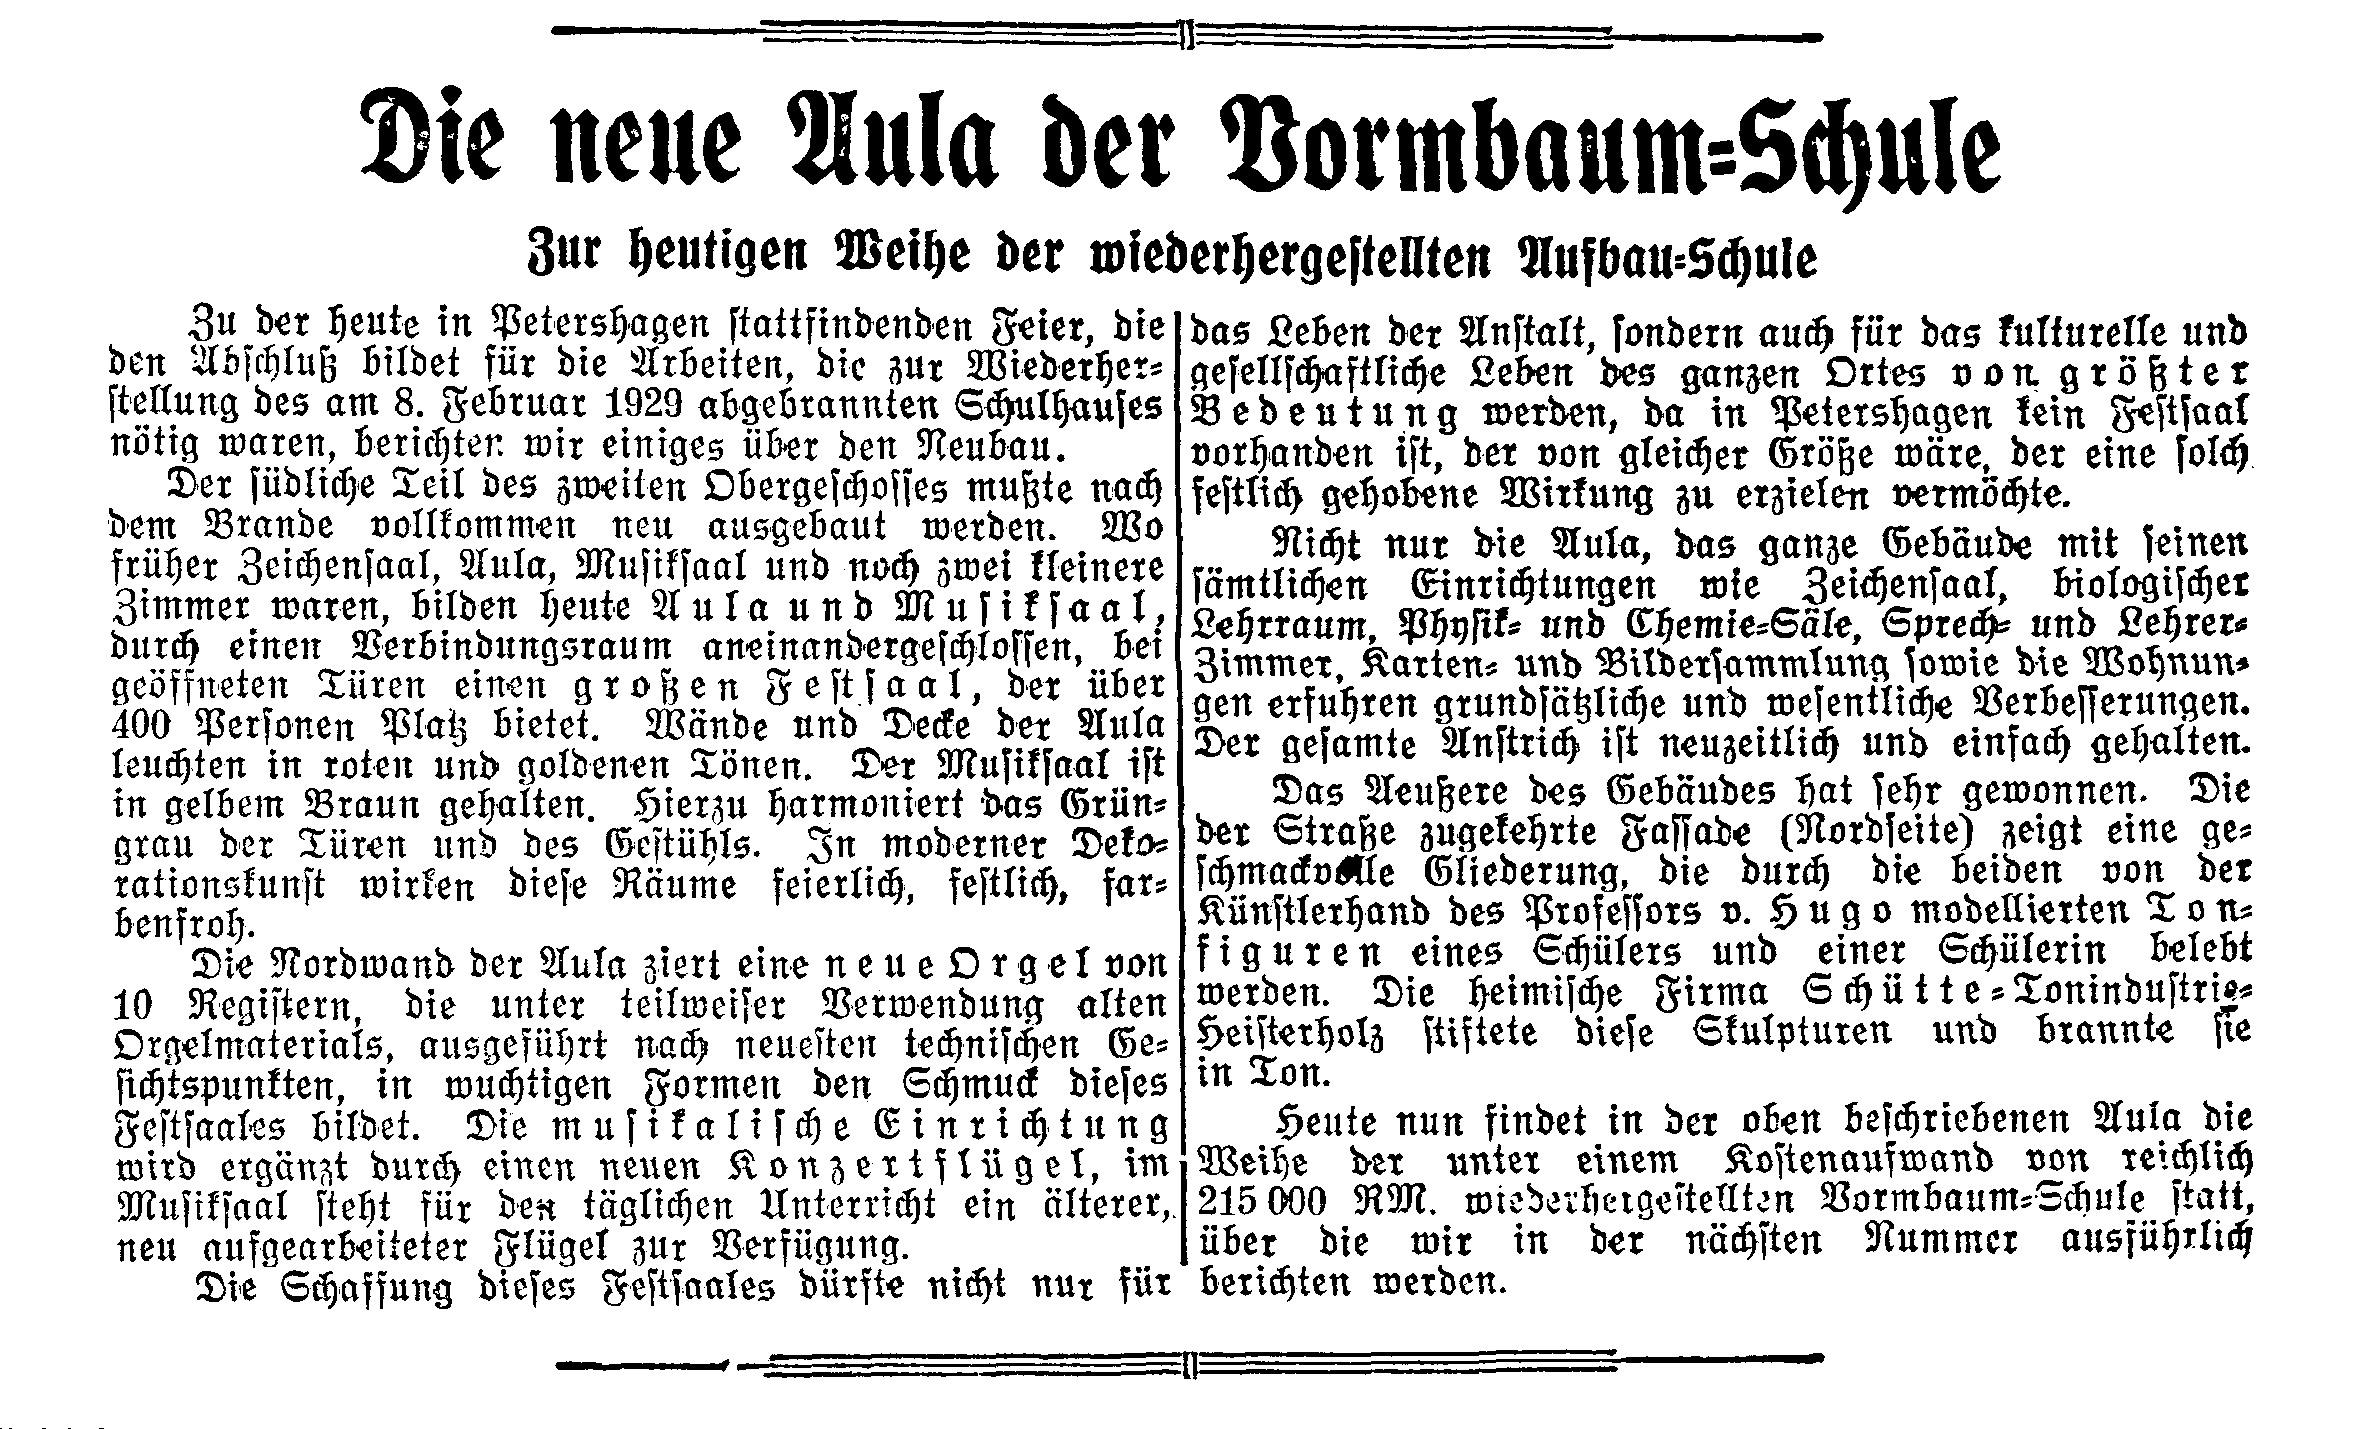 Read more about the article Brand und Wiederaufbau der Vormbaumschule